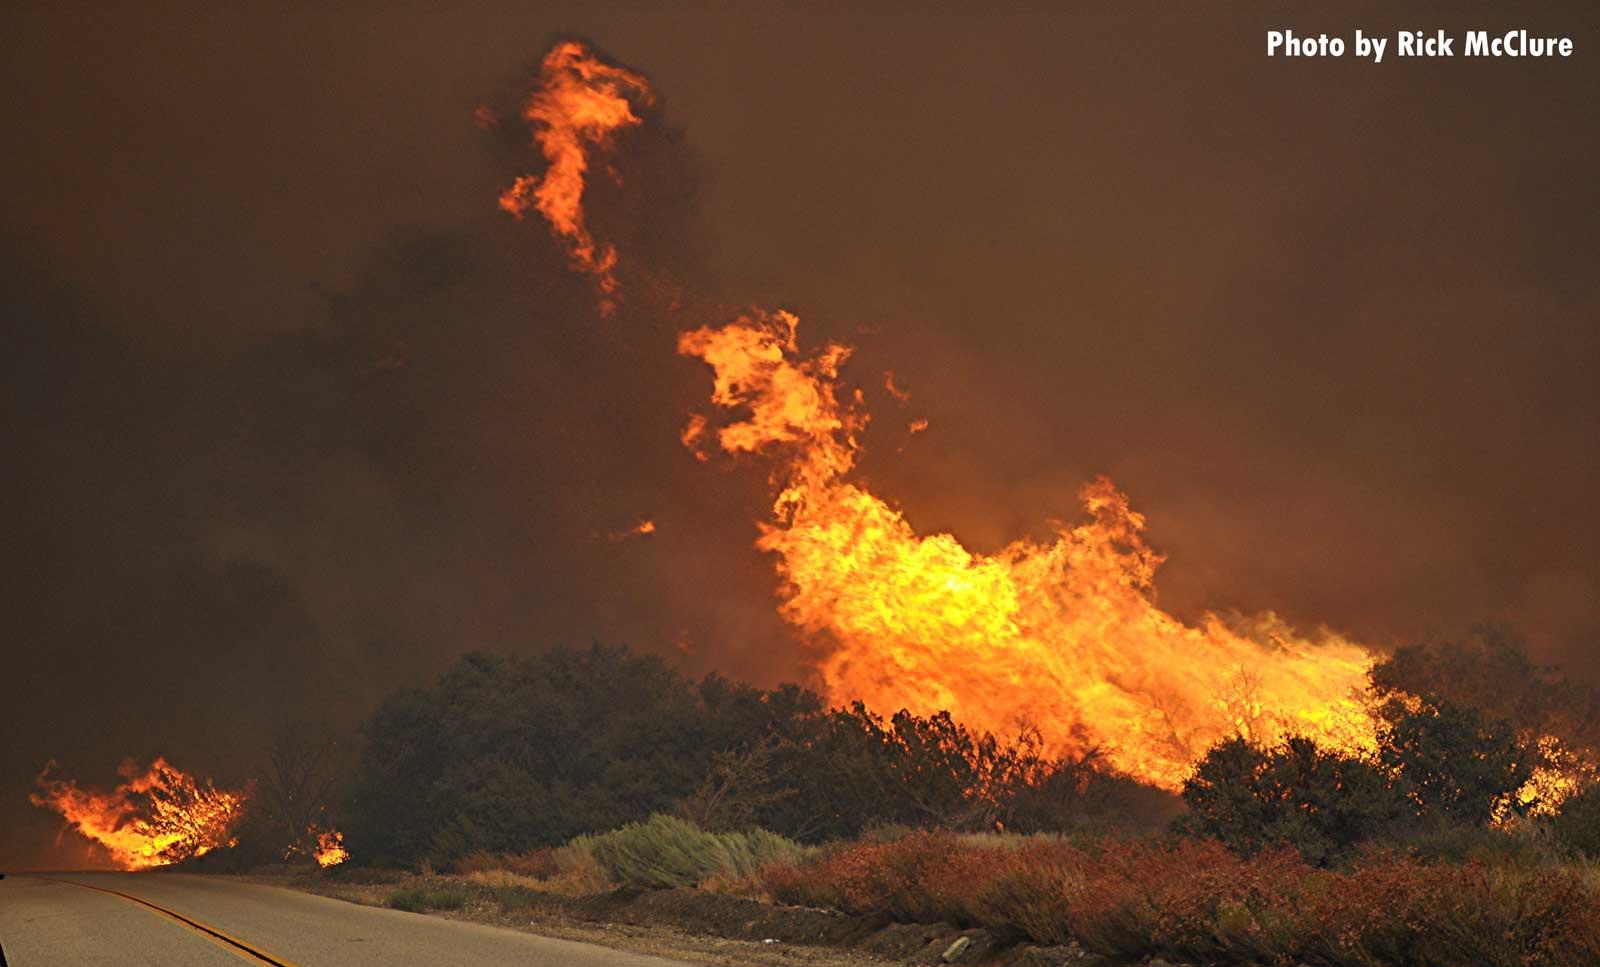 Flames burn over the landscape